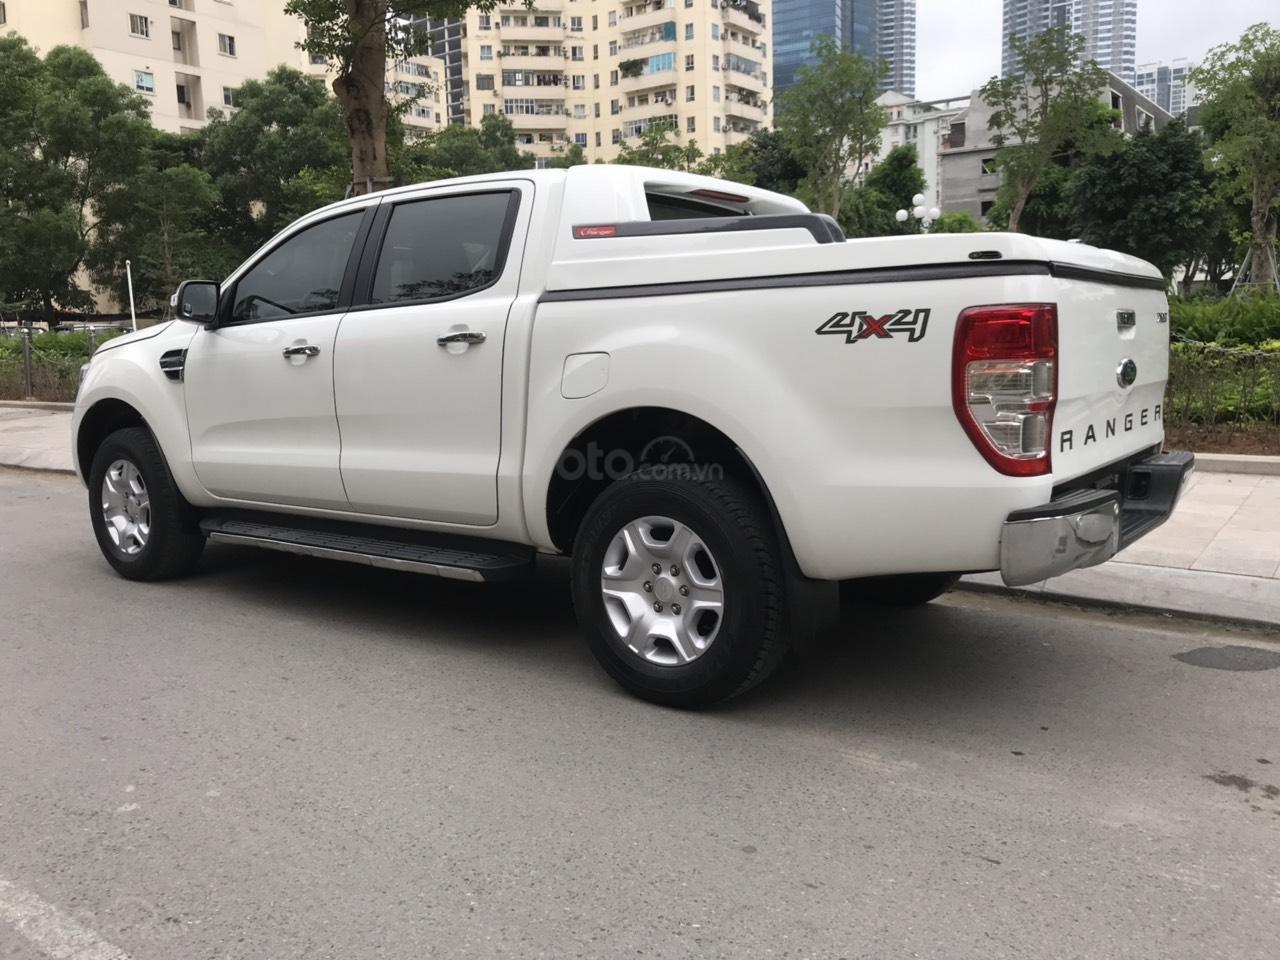 Tín Thành Auto- Ford Ranger XLT 2.2MT model 2016, trả góp lãi suất siêu thấp, liên hệ: Mr. Vũ Văn Huy: 097.171.8228-7